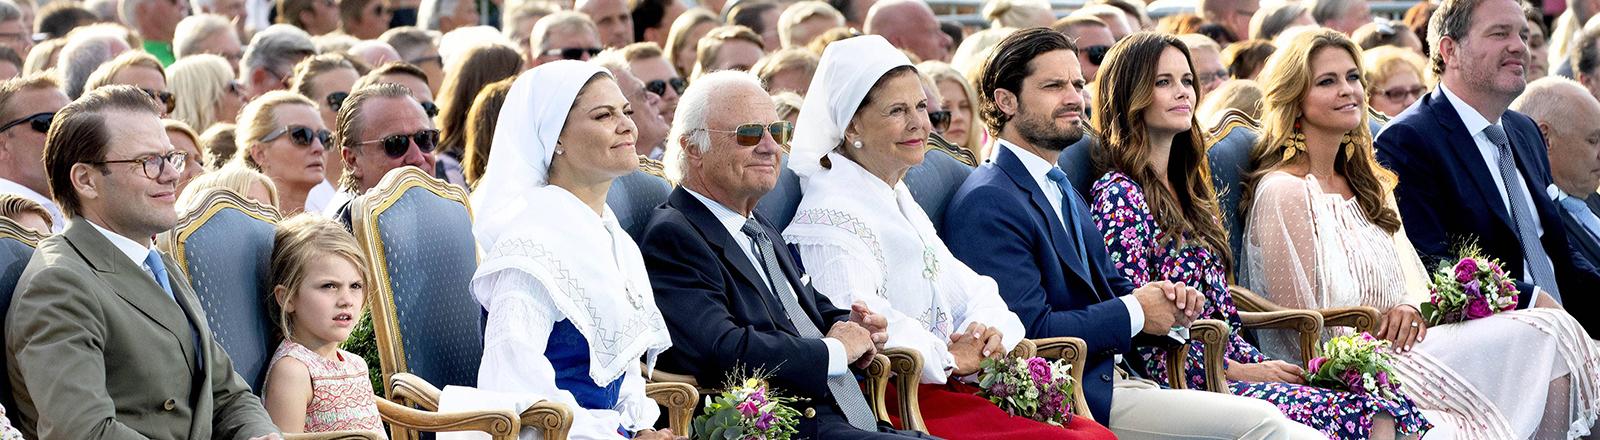 Schwedische königliche Familie.